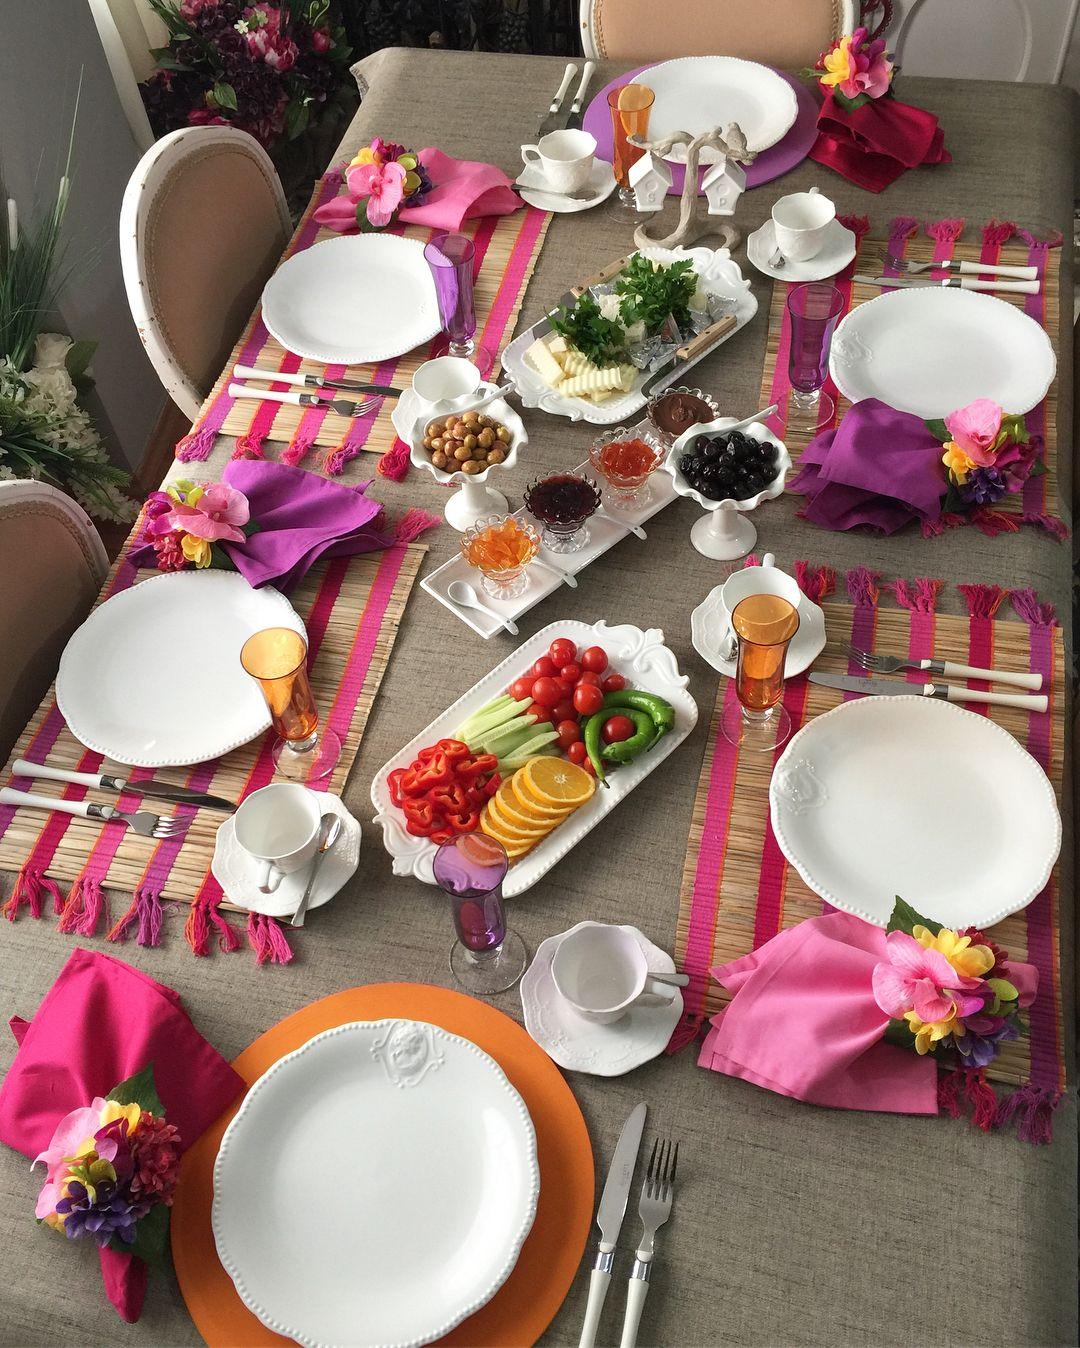 Общие правила сервировки стола: какую посуду и приборы использовать (с фото)